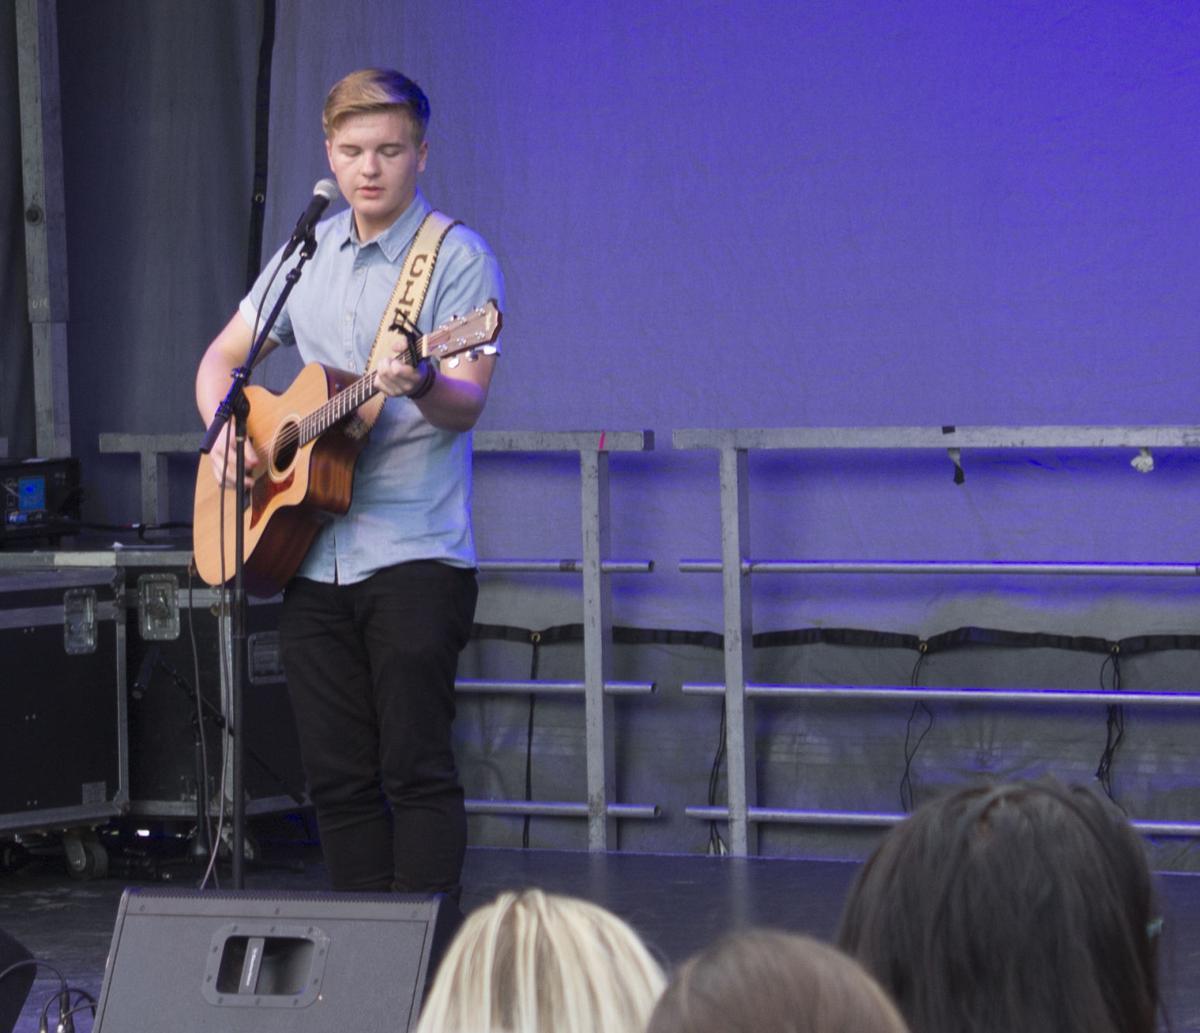 Caleb and guitar